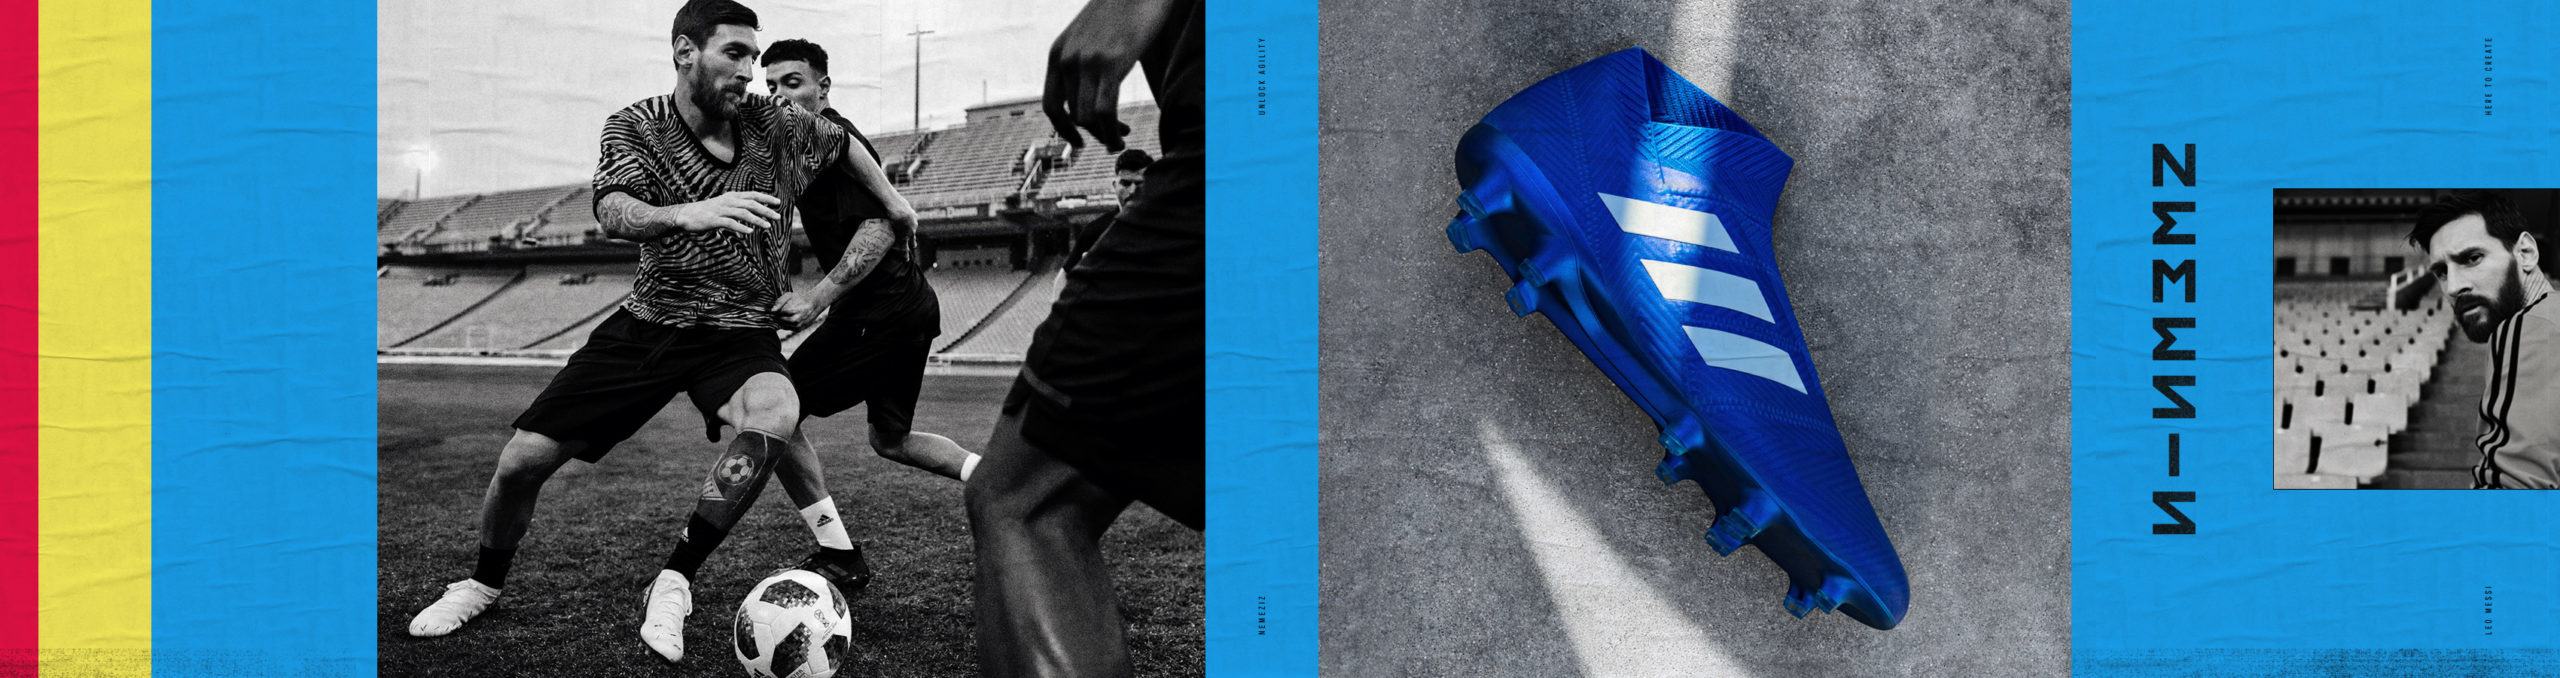 RobsonUnited2020_adidasFW18_Team03